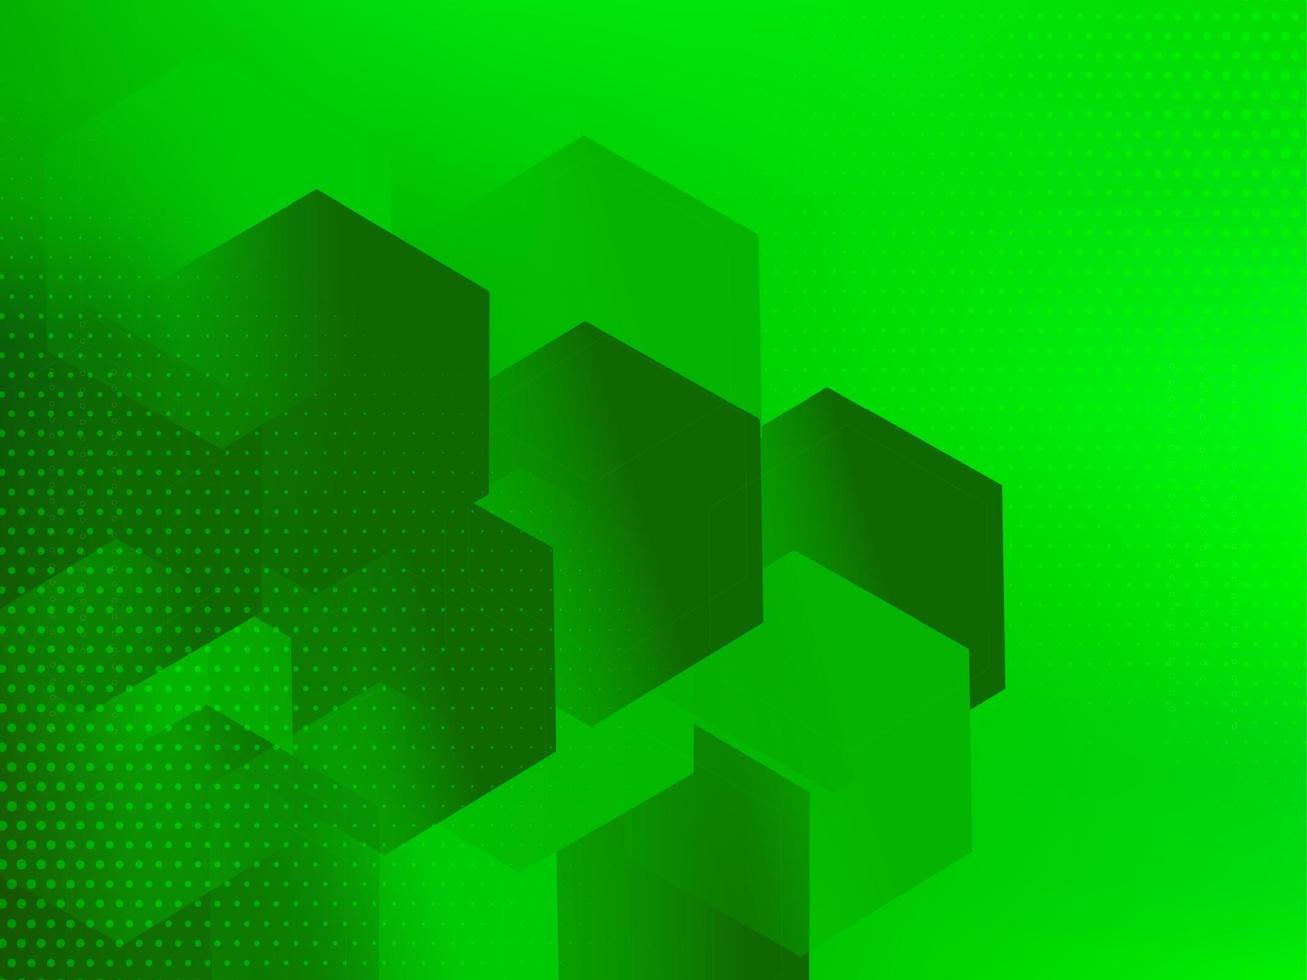 géométrique abstrait motif vert lignes fond de forme dynamique vecteur